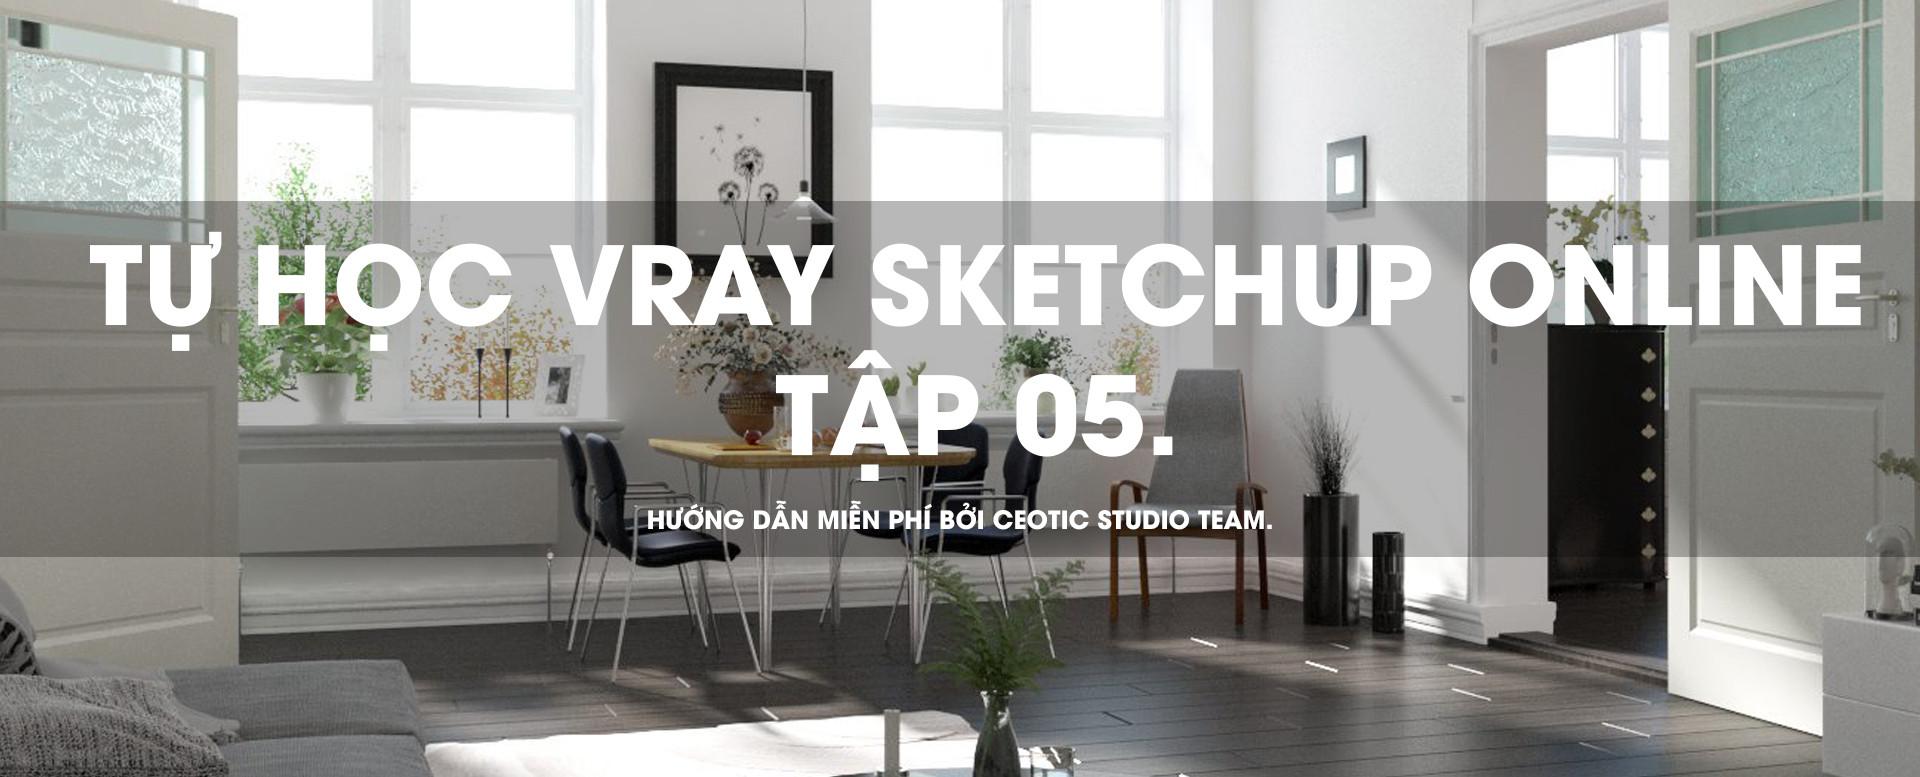 Tự học vray sketchup 05.jpg